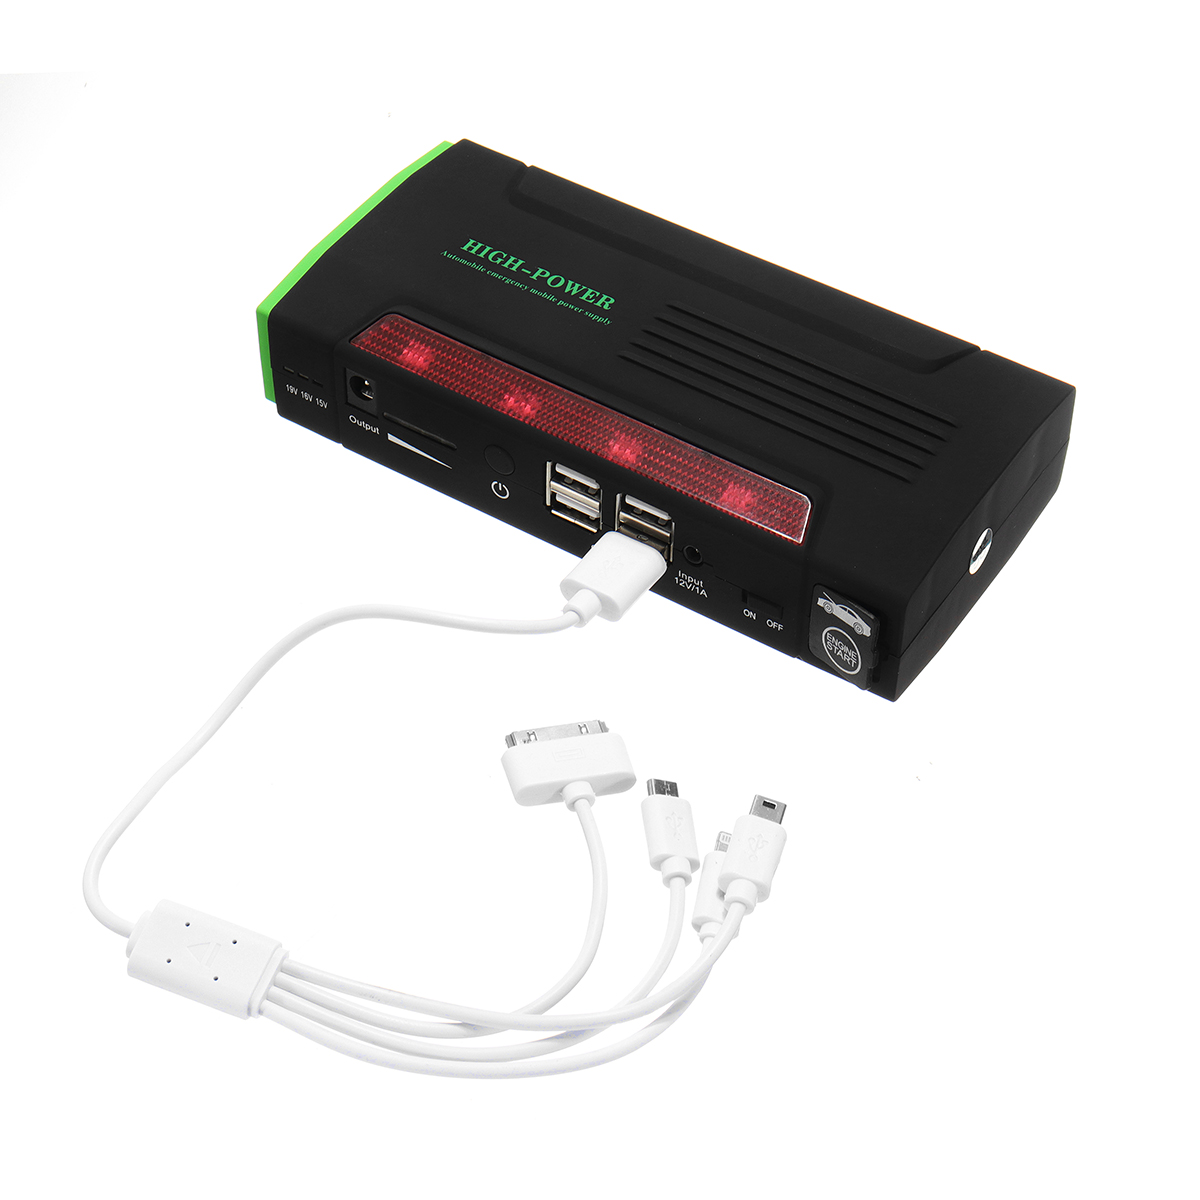 82800 mAh 4 USB voiture saut démarreur Pack chargeur Portable Booster batterie externe Battery82800mAh 4 USB voiture J - 5